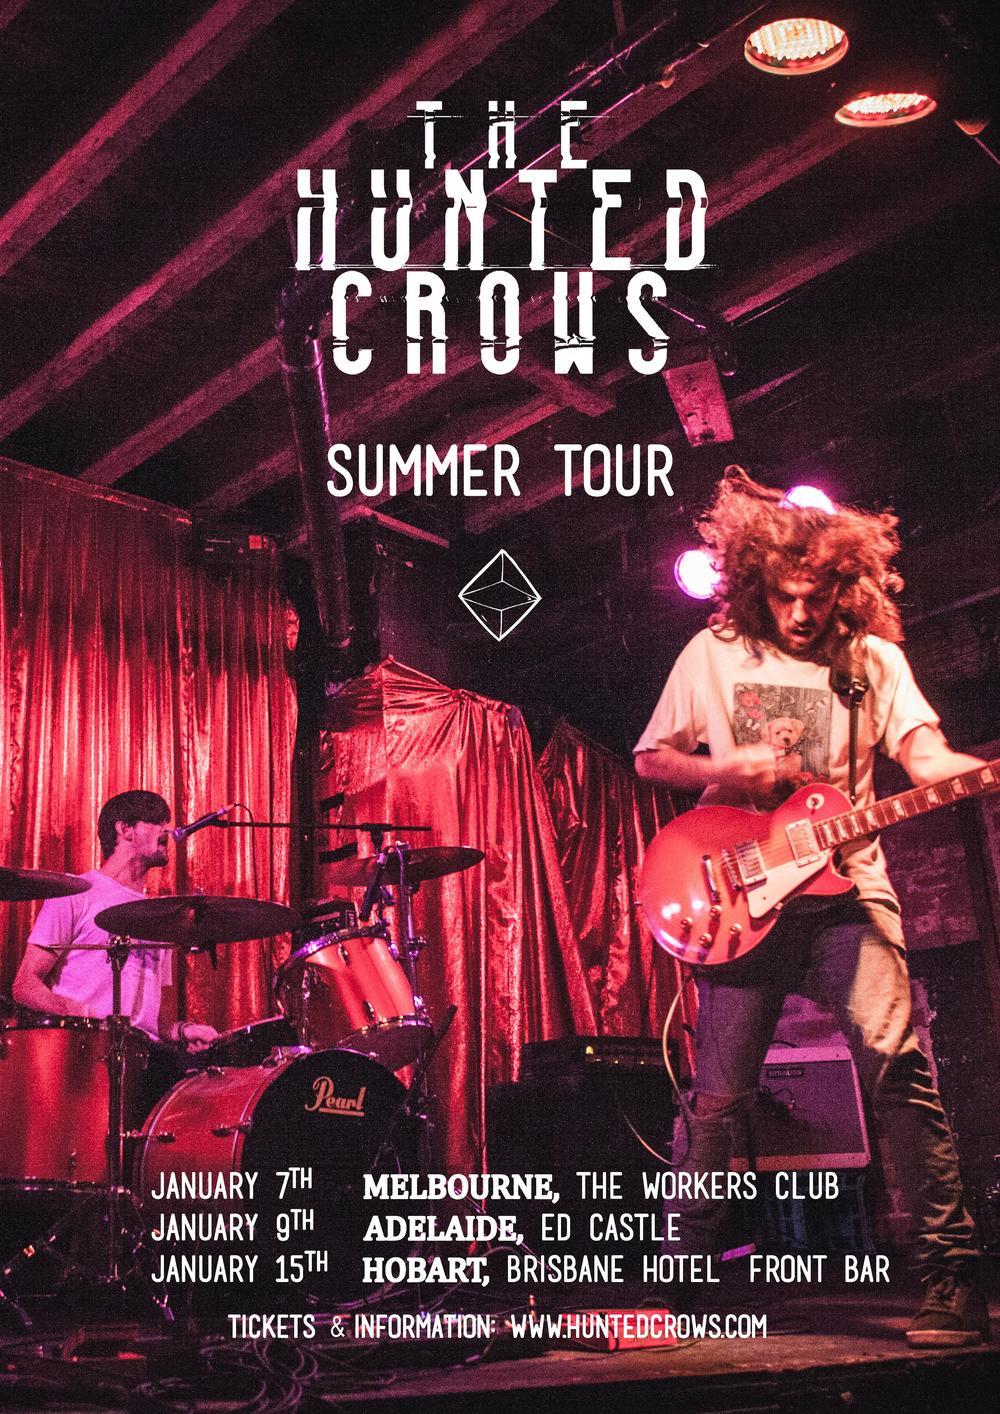 Summer Tour 15/16